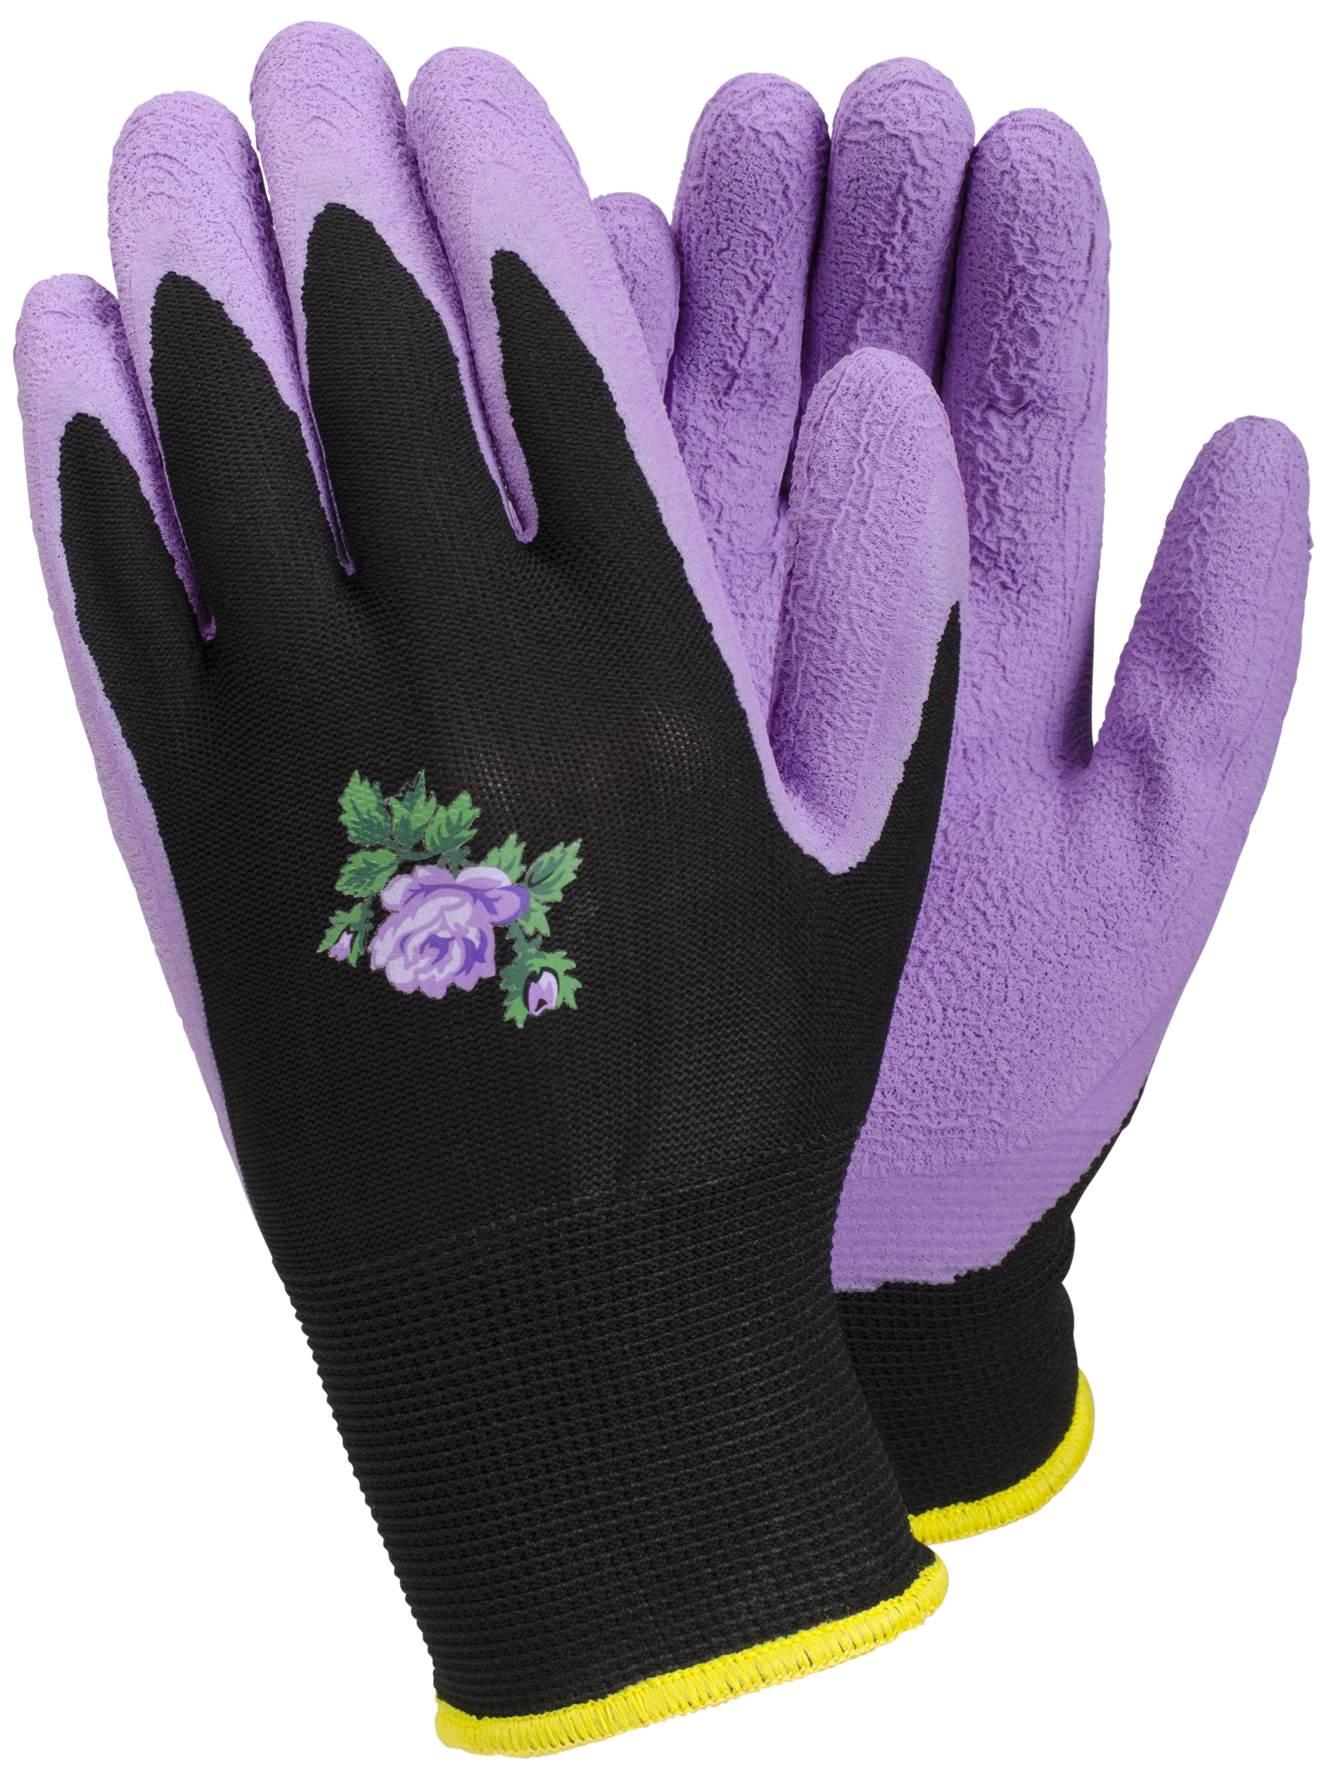 Перчатки хозяйственные Берта 90068 перчатки мужские сплав catch цвет черный 1581320 размер 8